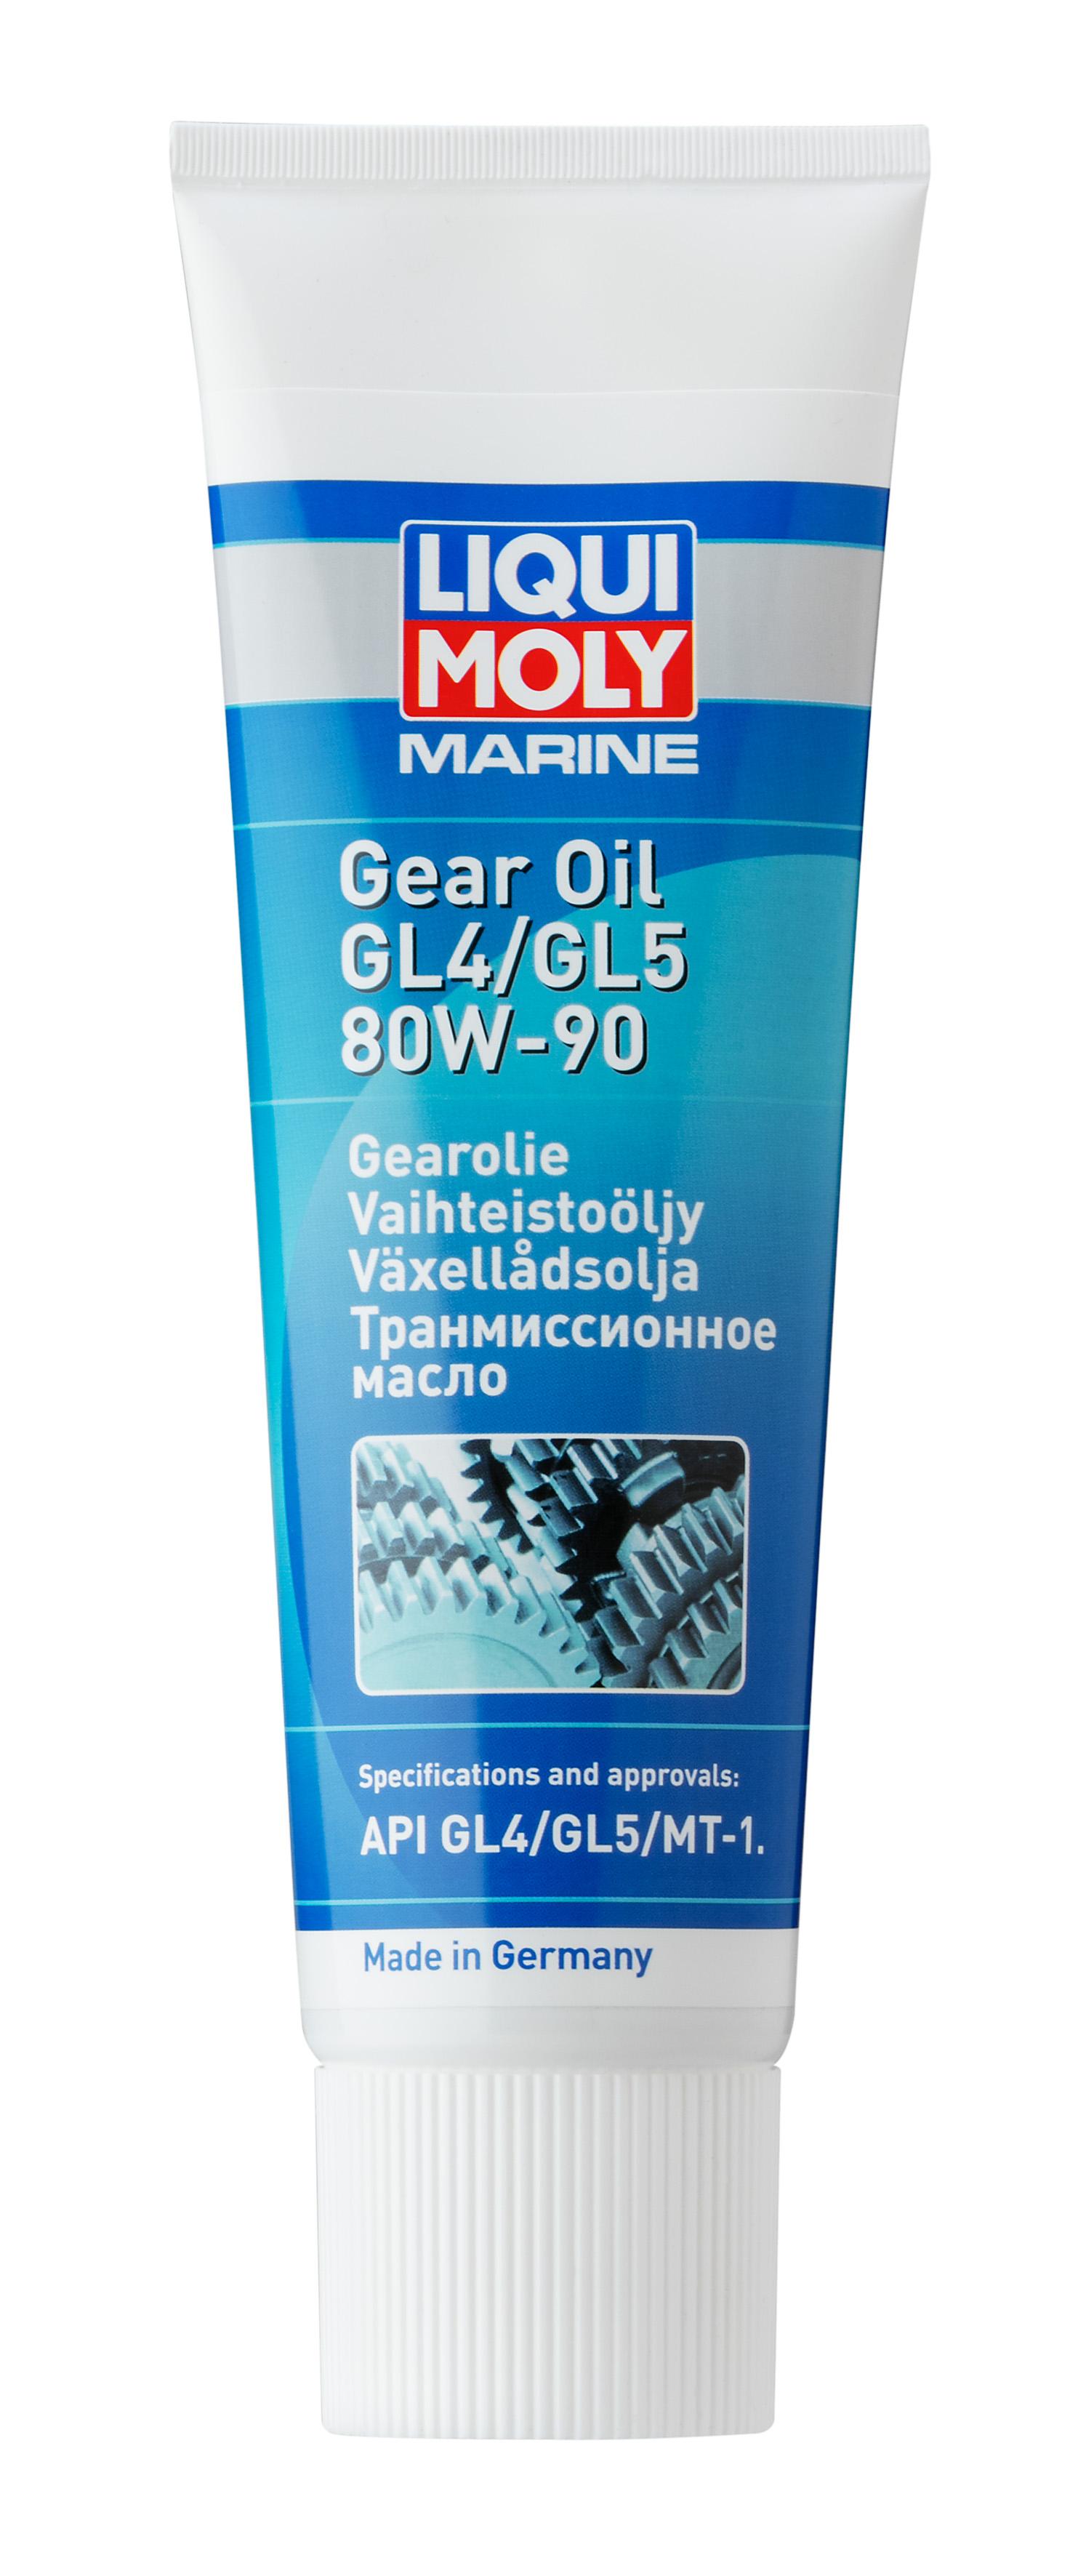 Минеральное трансмиссионное масло для водной техники Marine Gear Oil 80W-90